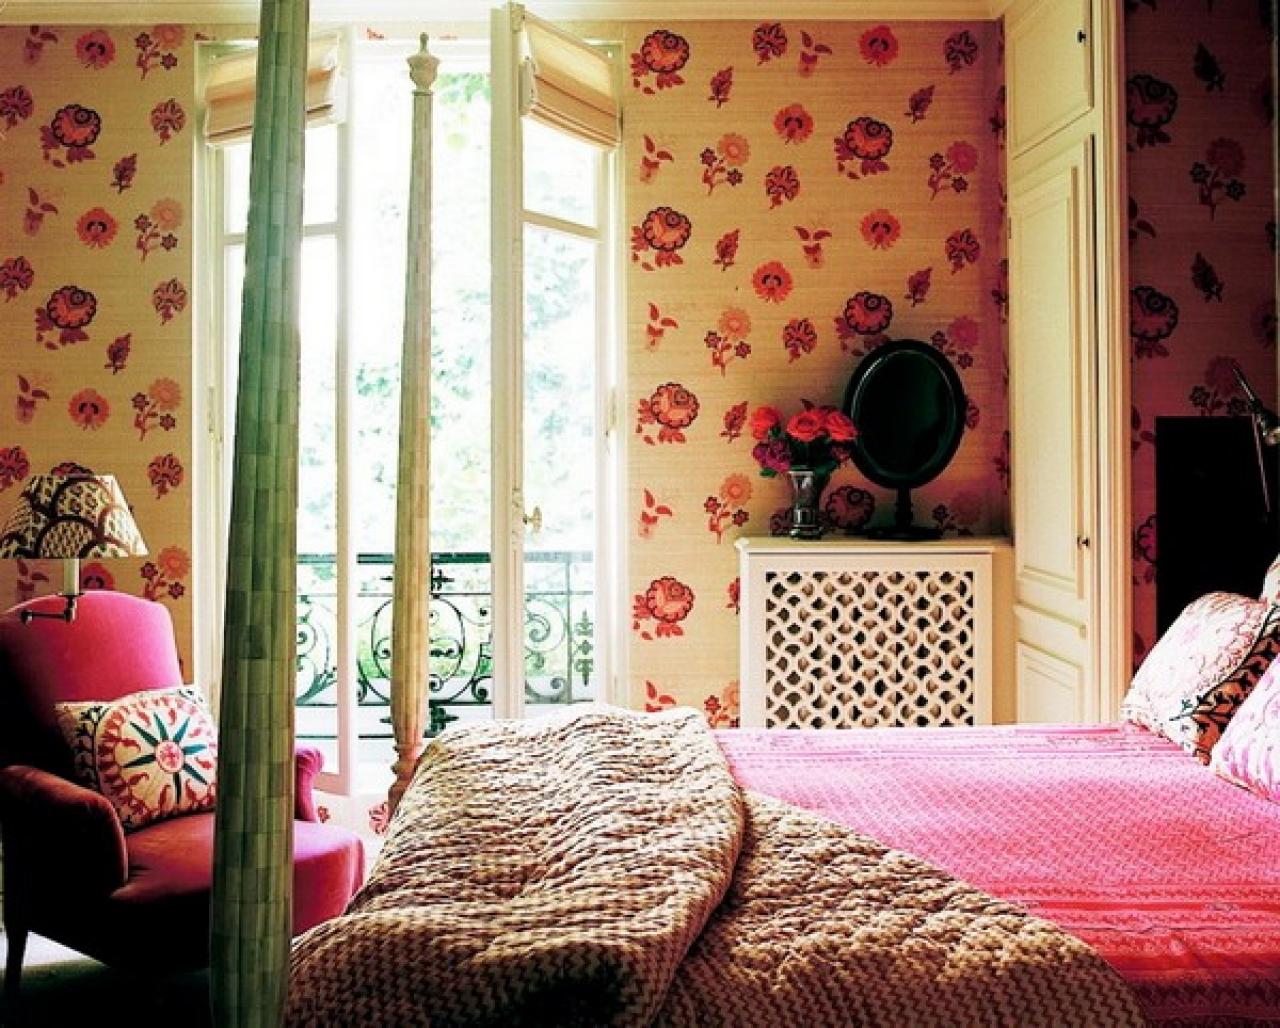 Girls bedroom wallpaper design ideas picture buy bedroom wallpaper 1280x1028